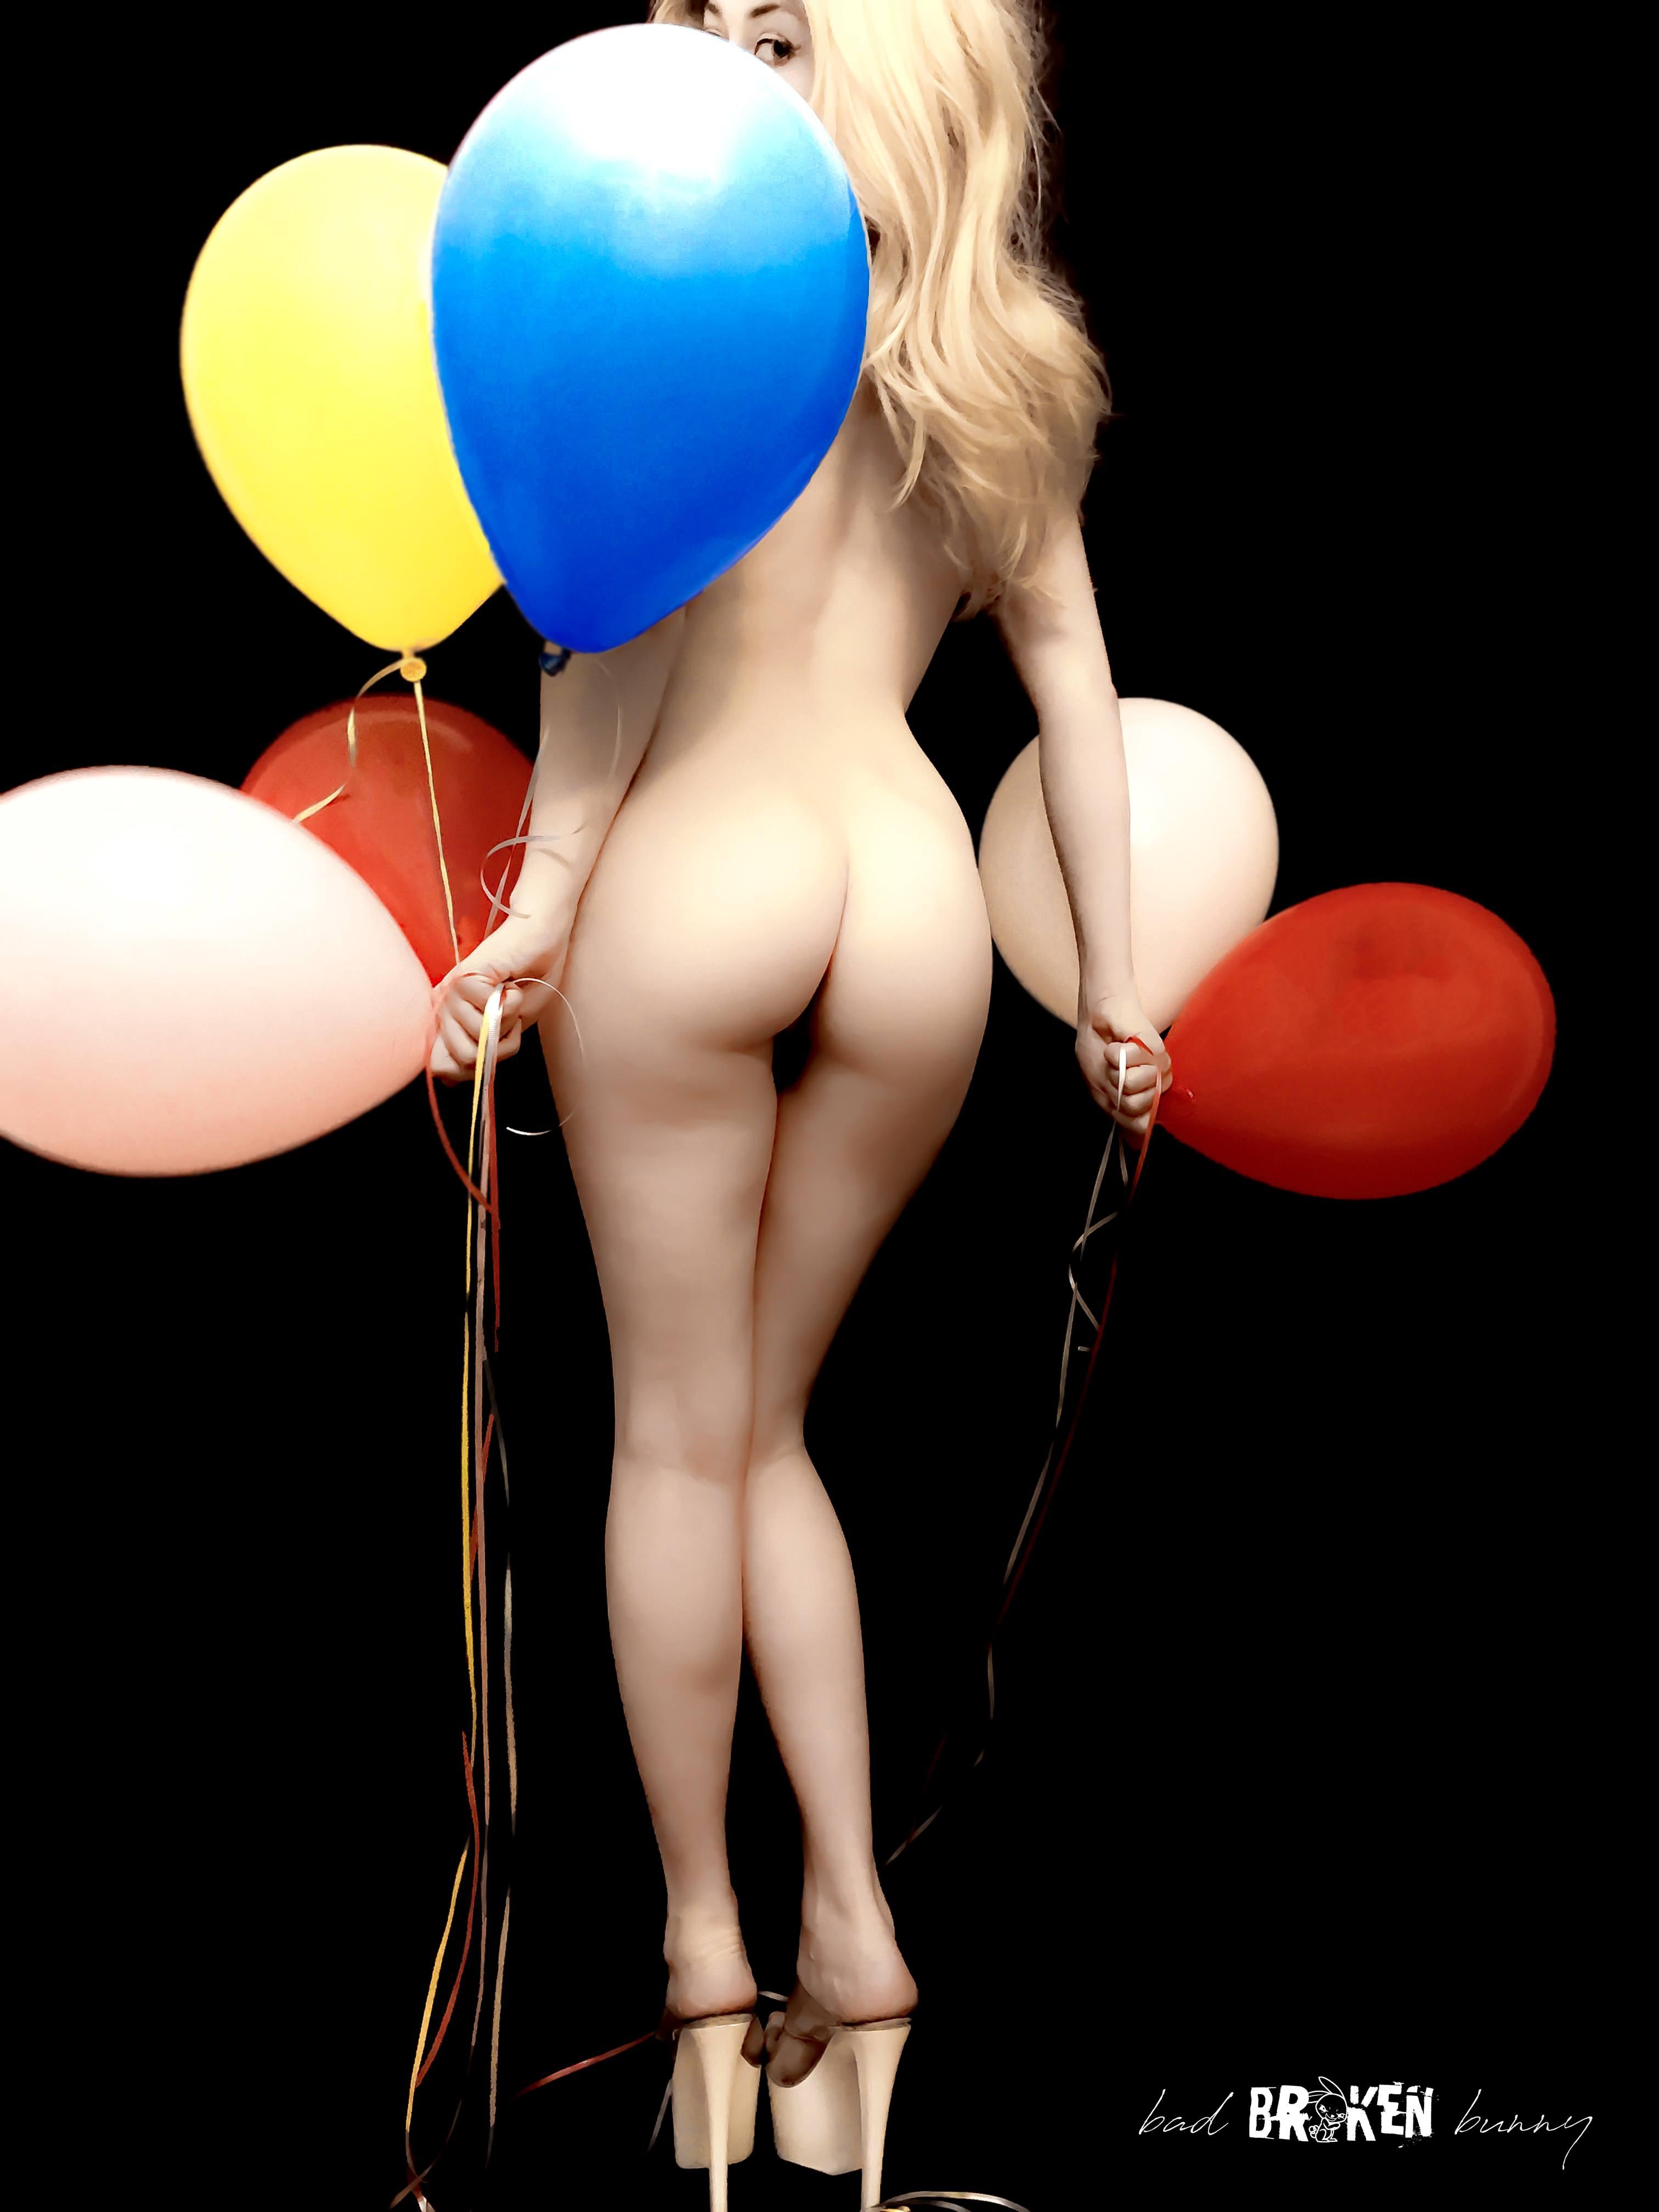 лапание девушек с воздушными шарами порно - 9